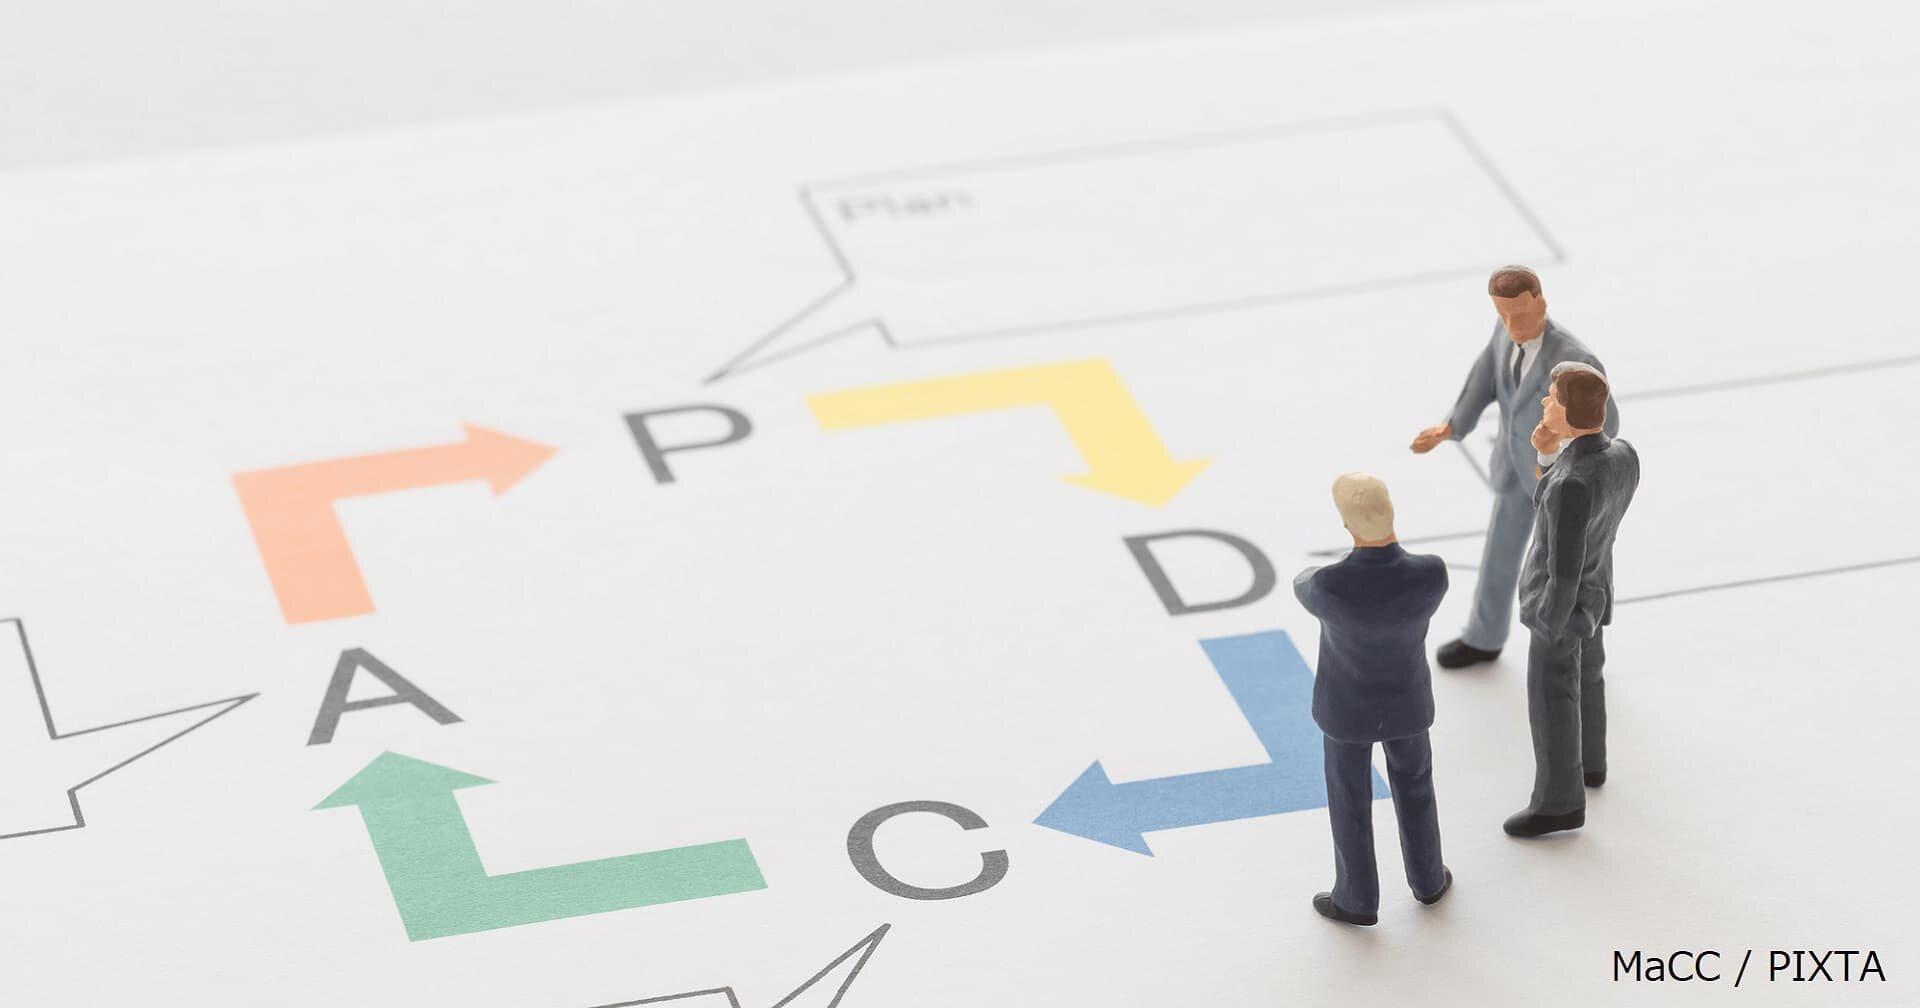 変化の時代を生きるための「PDSAサイクル」